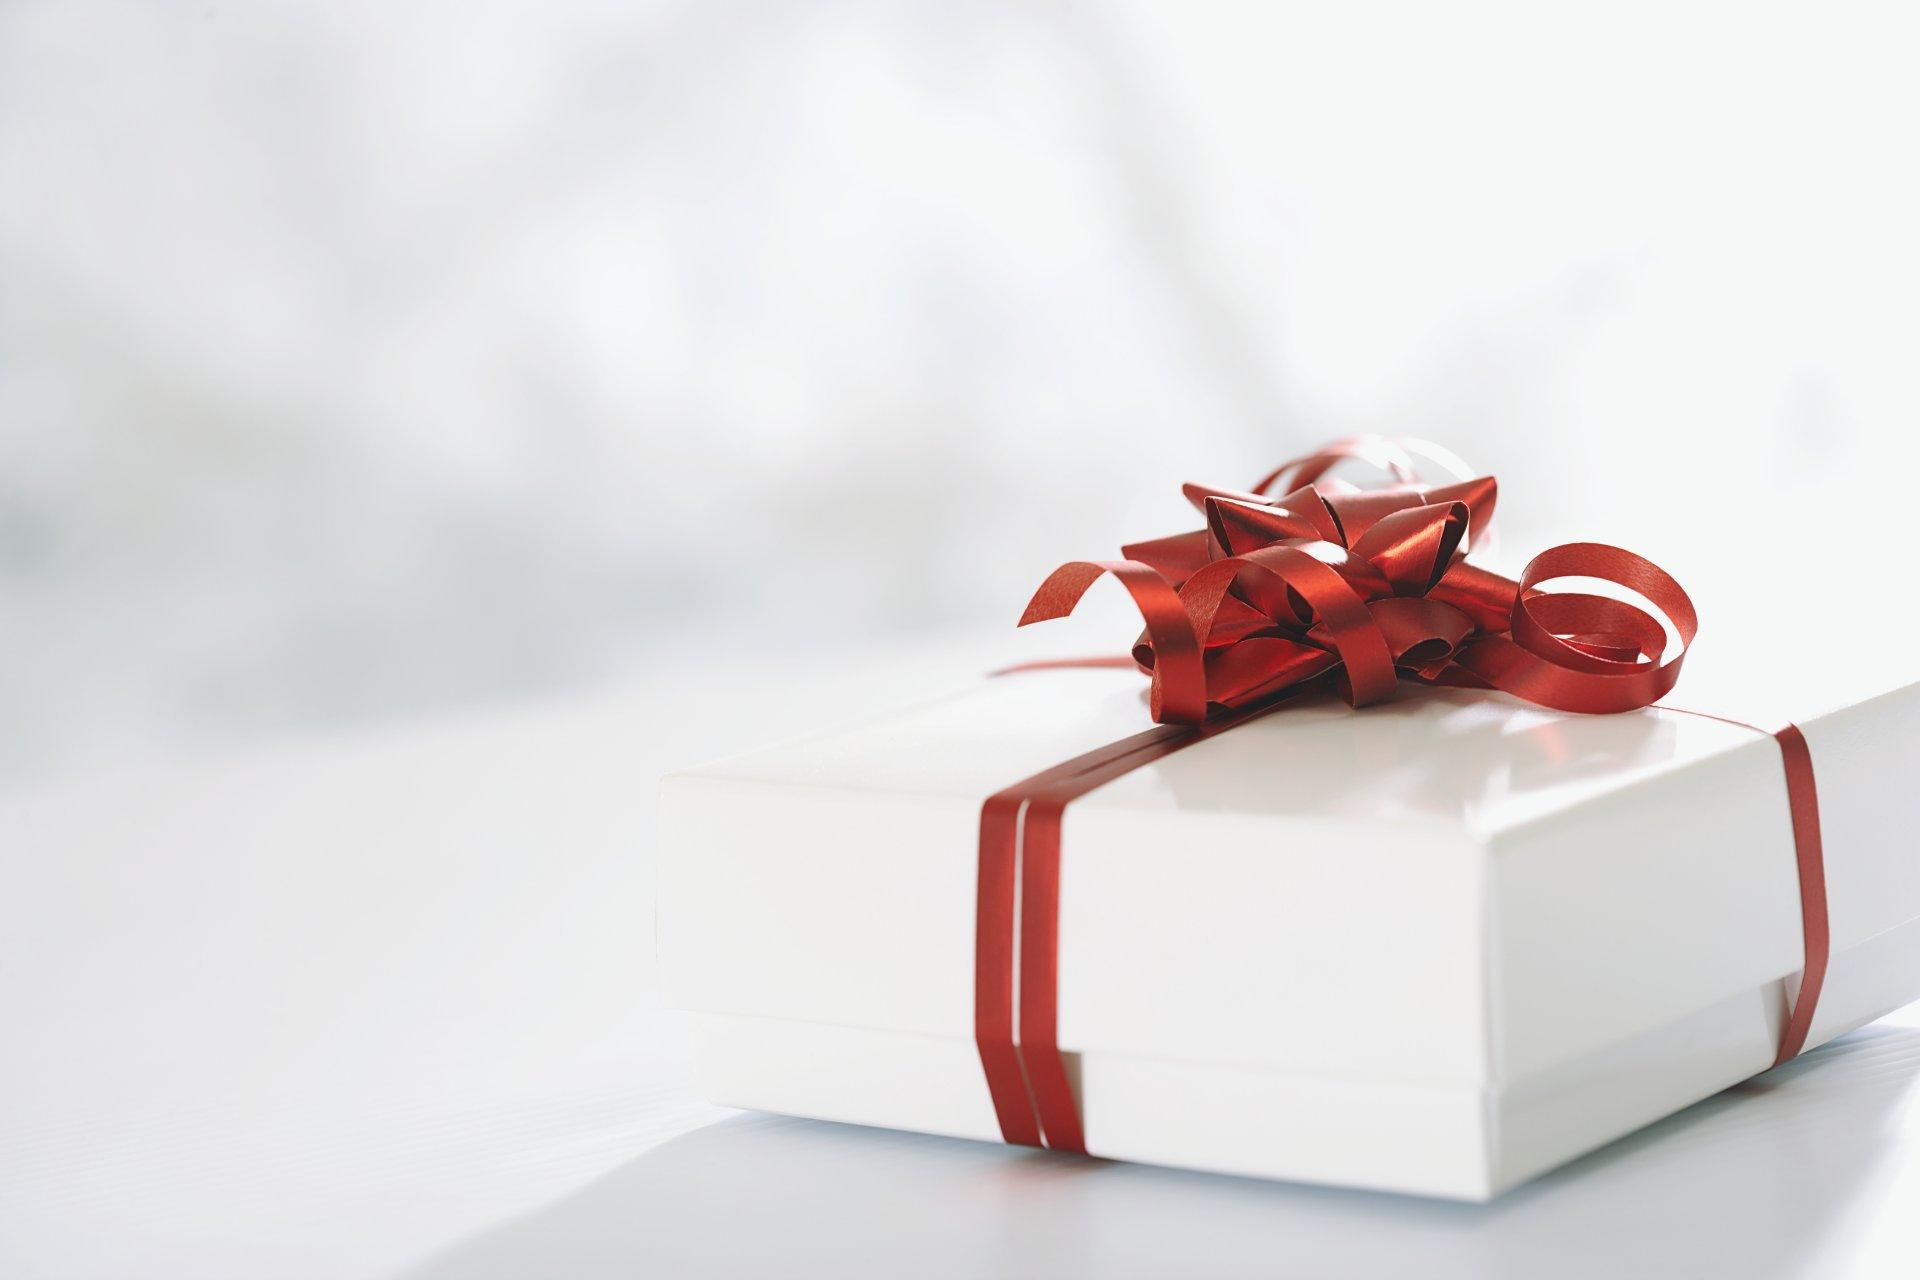 Белые лебеди, открытки с днем рождения бизнес партнеру